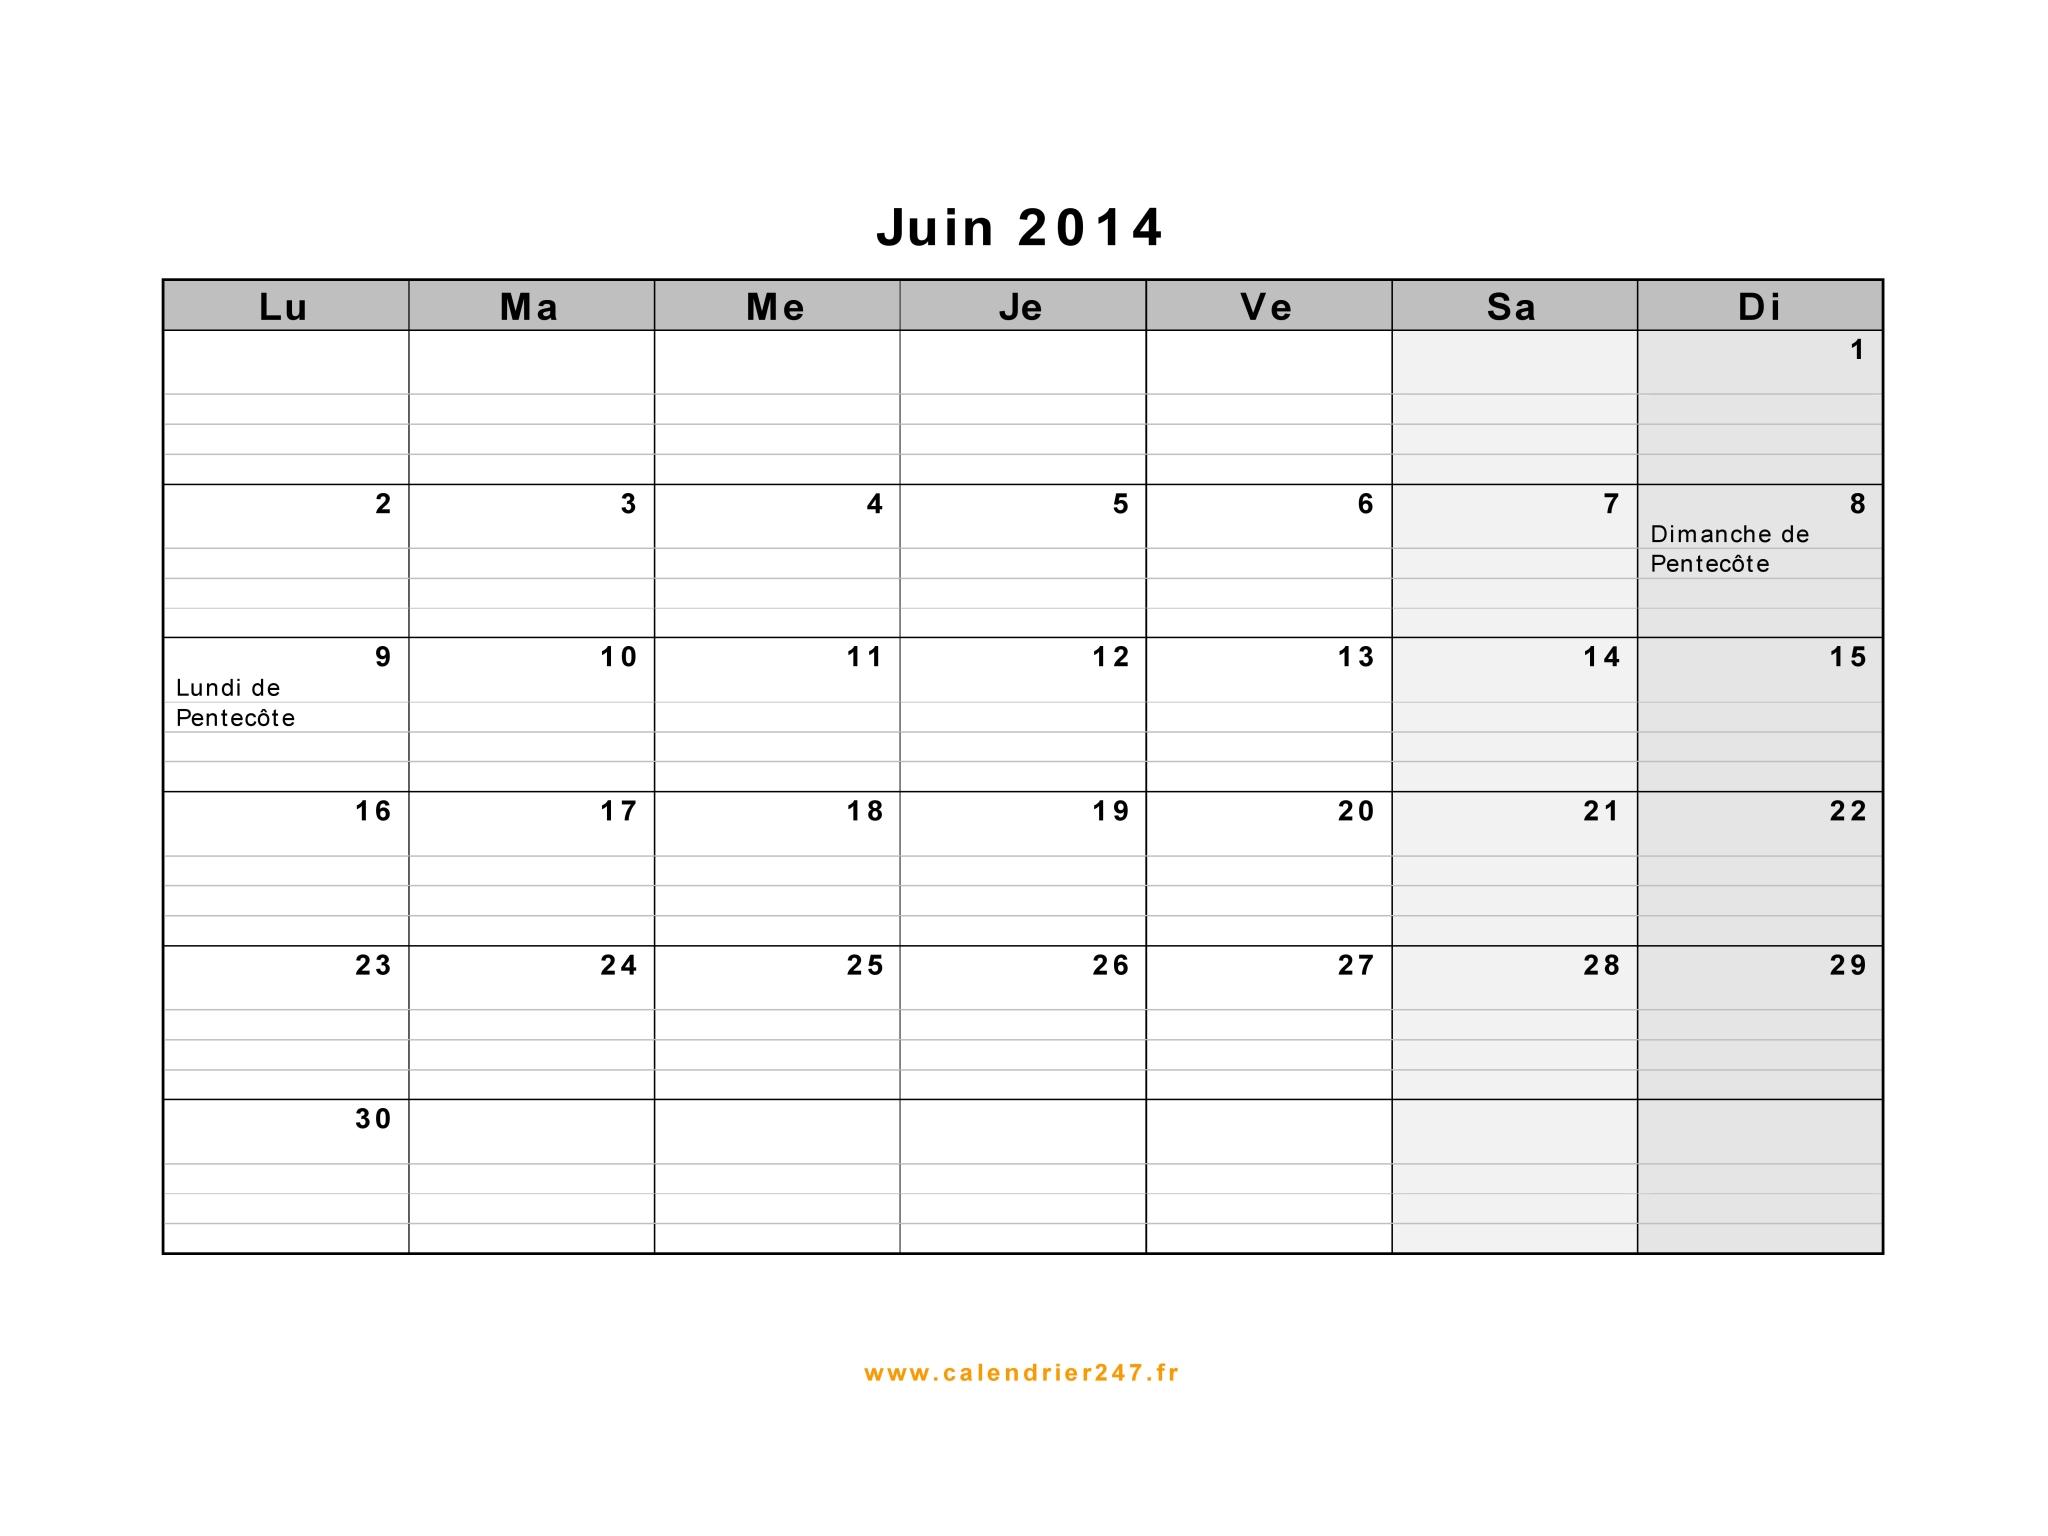 Calendrier Juin 2014 à imprimer gratuit en PDF et Excel